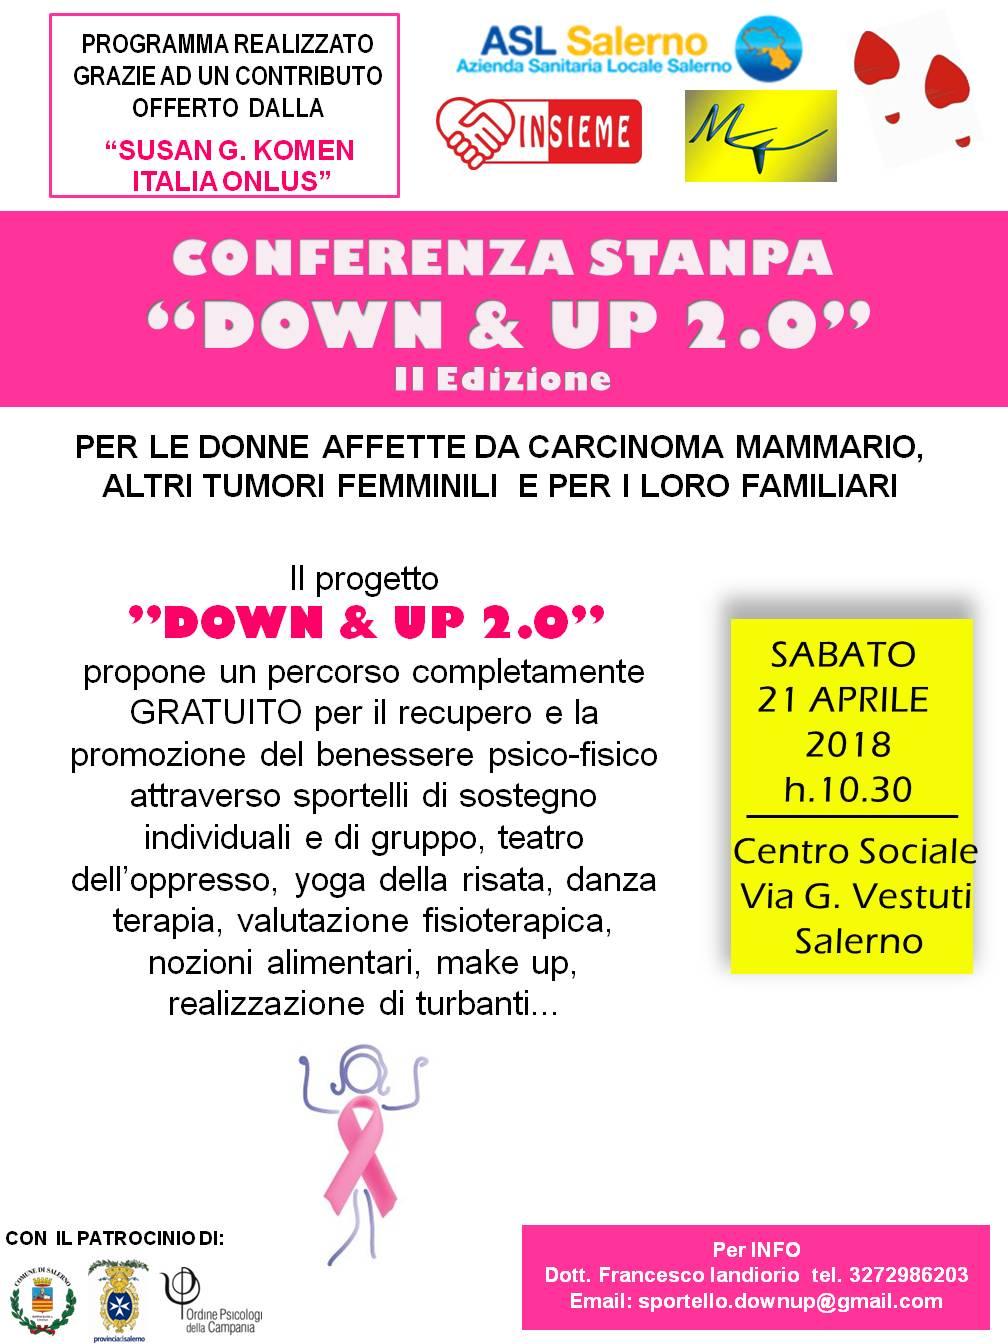 Invito -locandina progetto-DOWN & UP 2.0.-Salerno